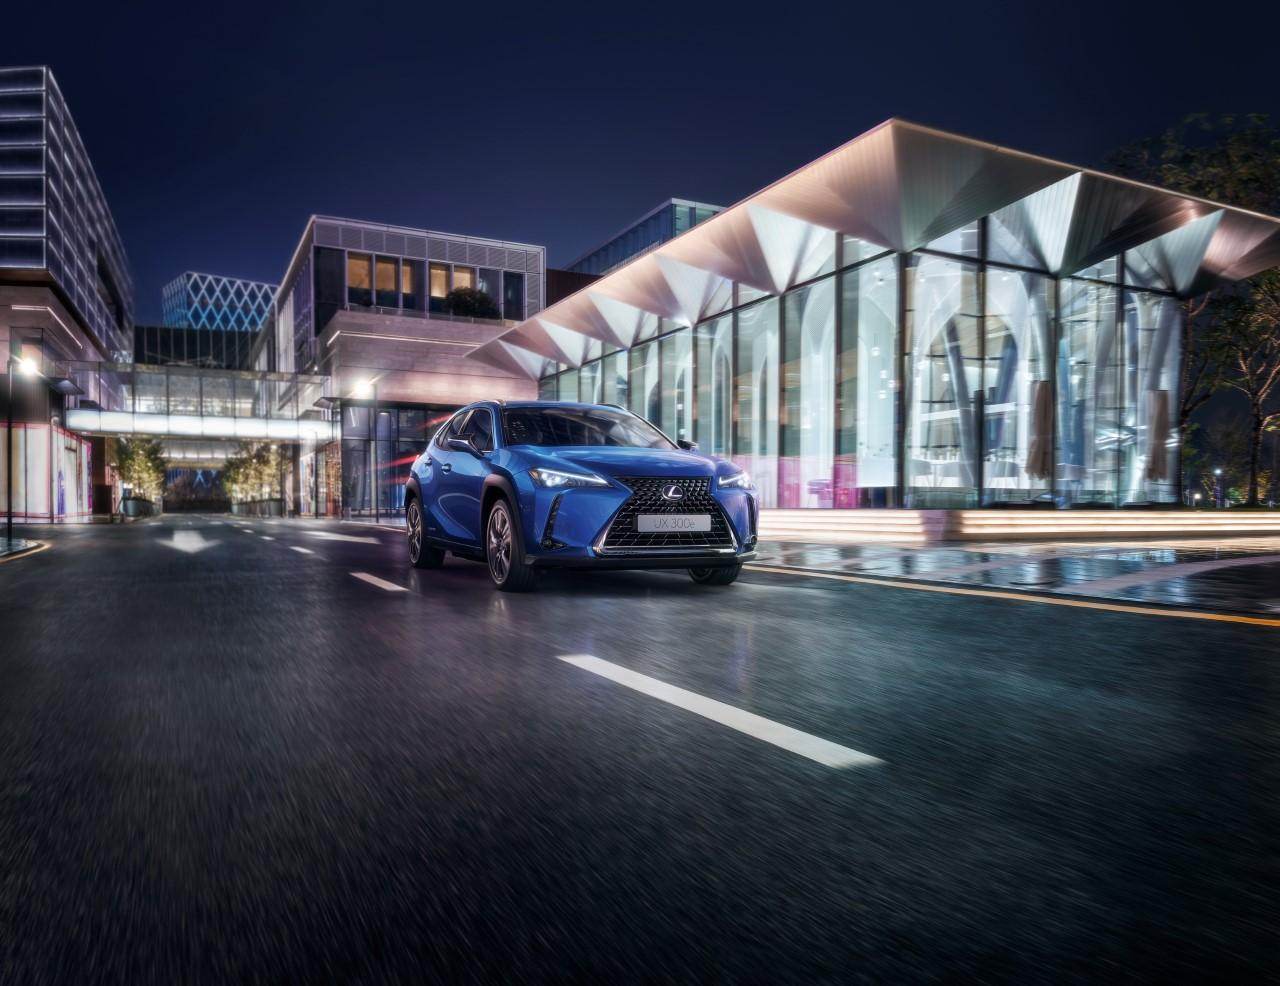 W pełni elektryczny Lexus UX 300e już na europejskich drogach. Stworzony przez mistrzów rzemiosła Takumi